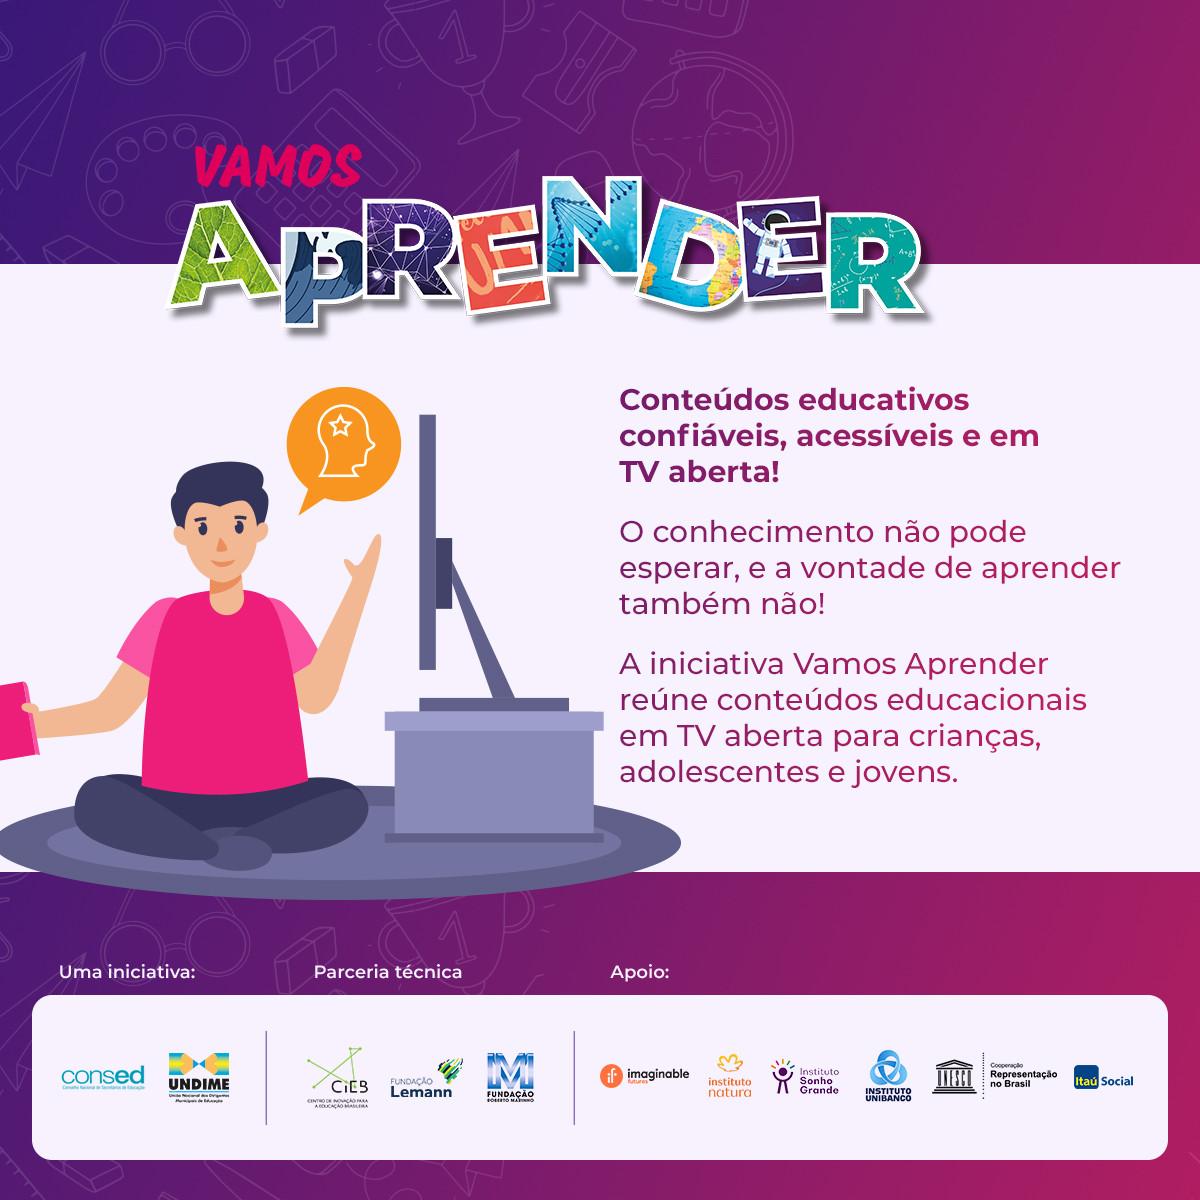 Vamos Aprender: projeto oferece conteúdos pela televisão, plataforma online e aplicativo a estudantes de todas as etapas da educação básica